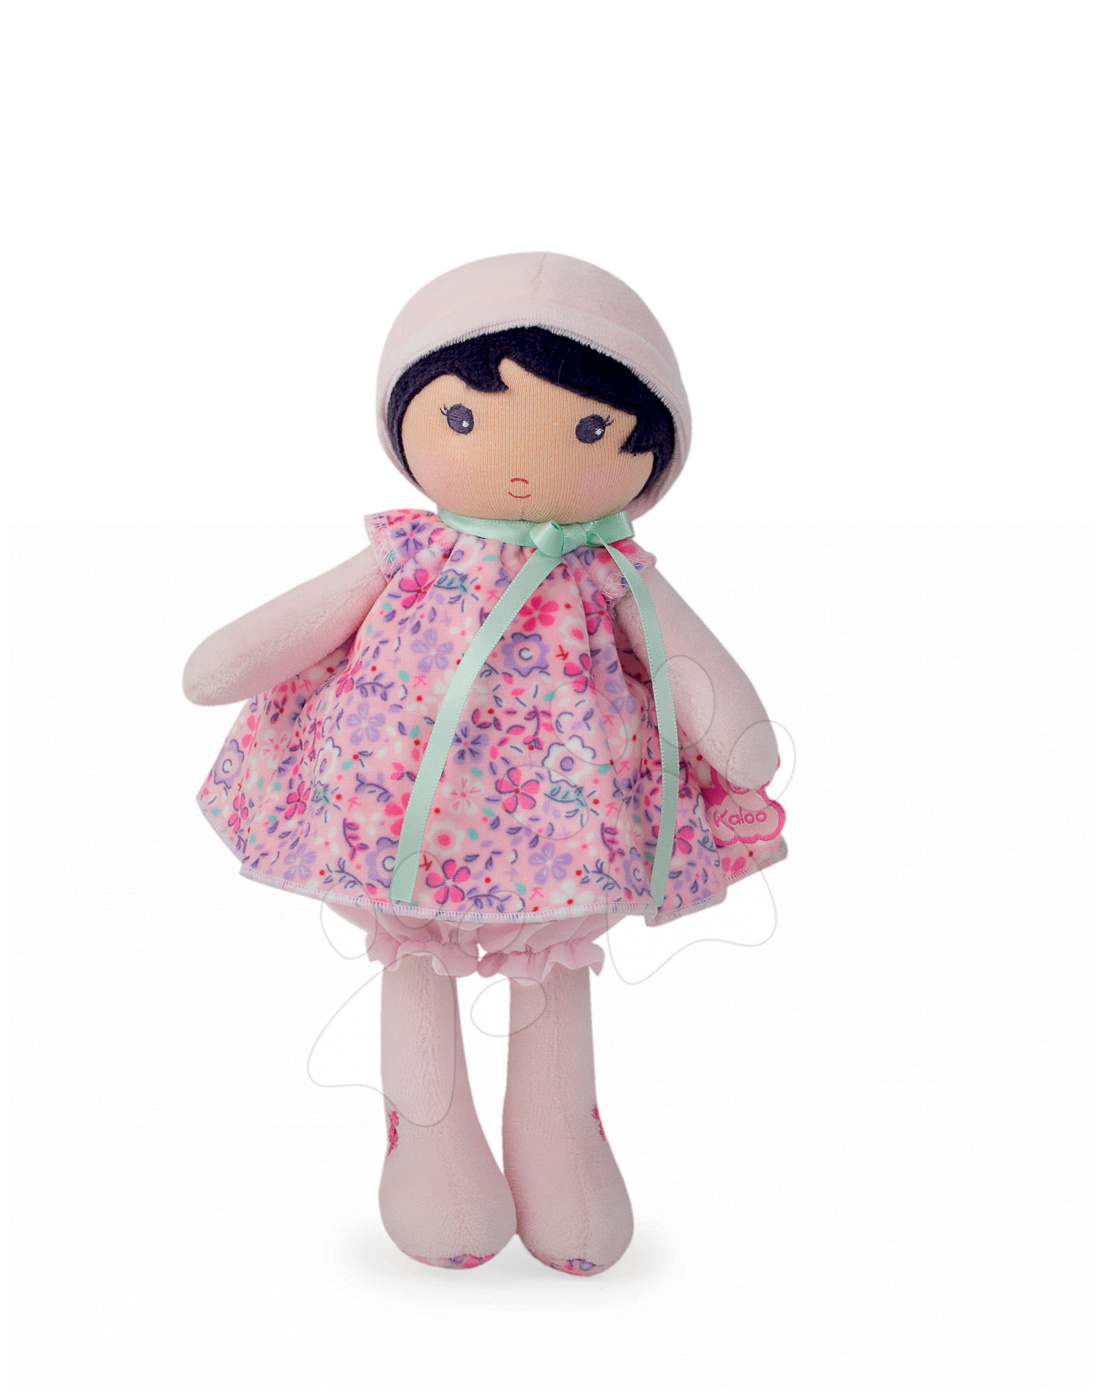 Kaloo panenka pro miminko Fleur K Tendresse 25 cm 962078